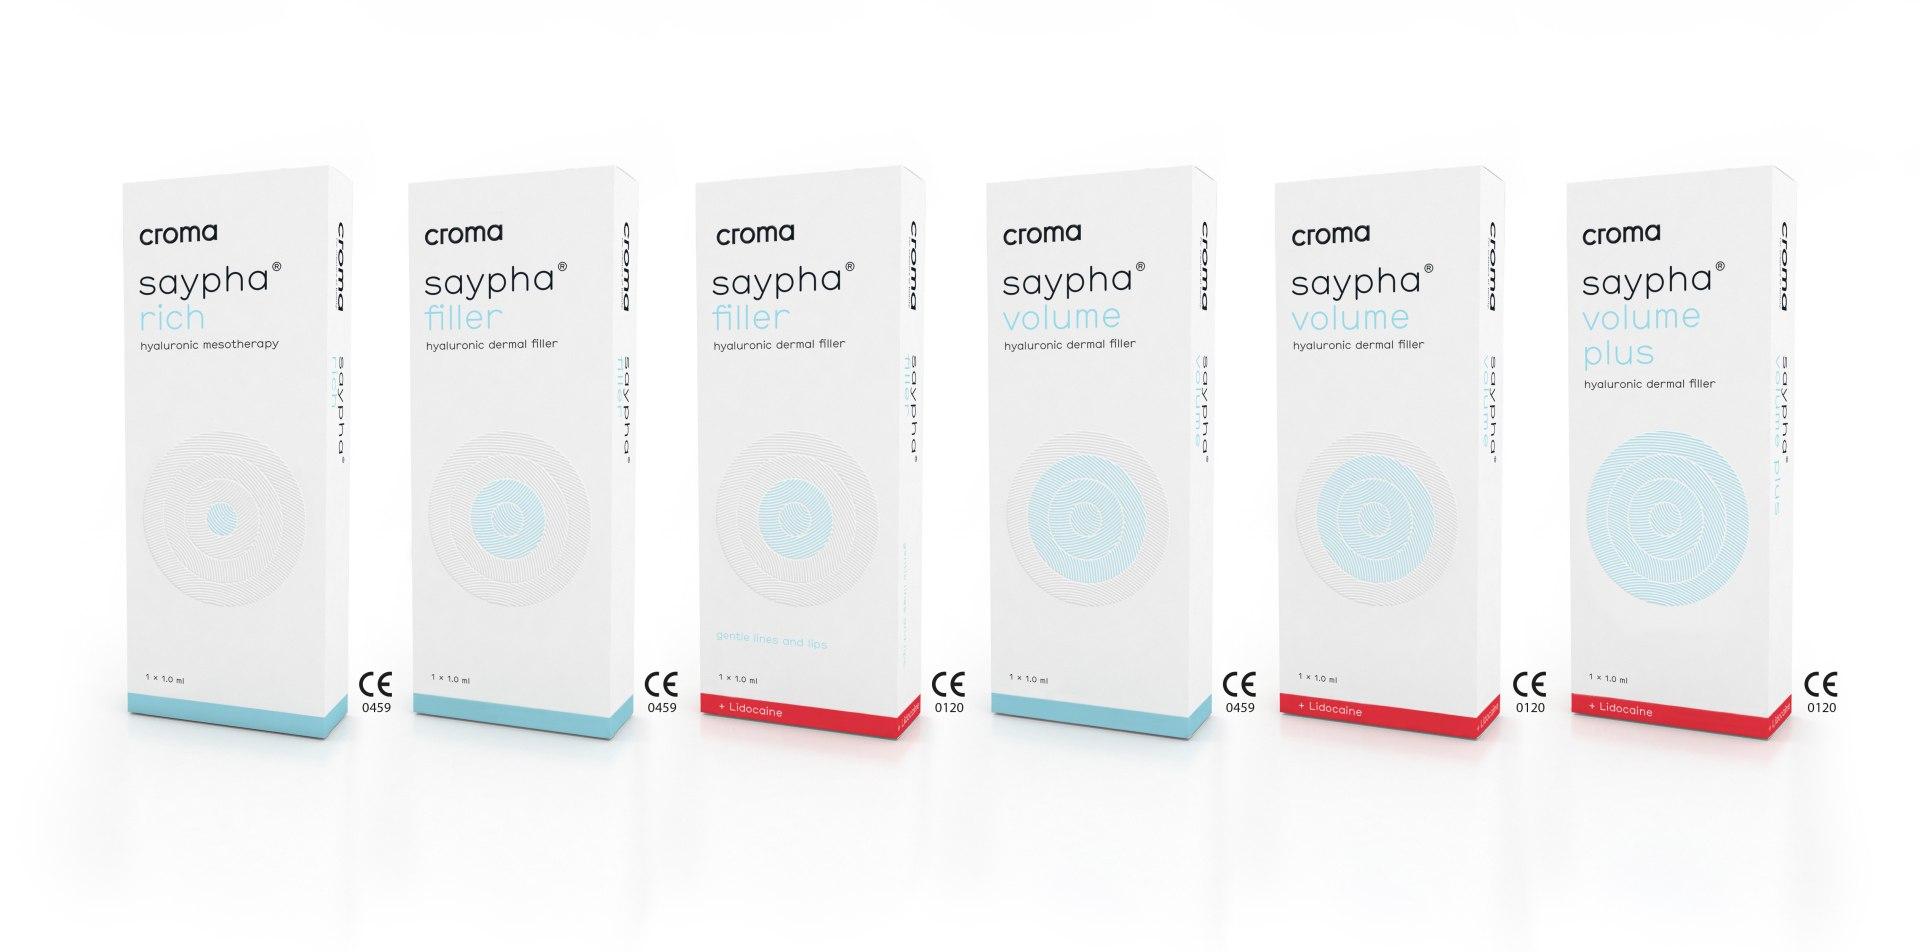 saypha croma pharma